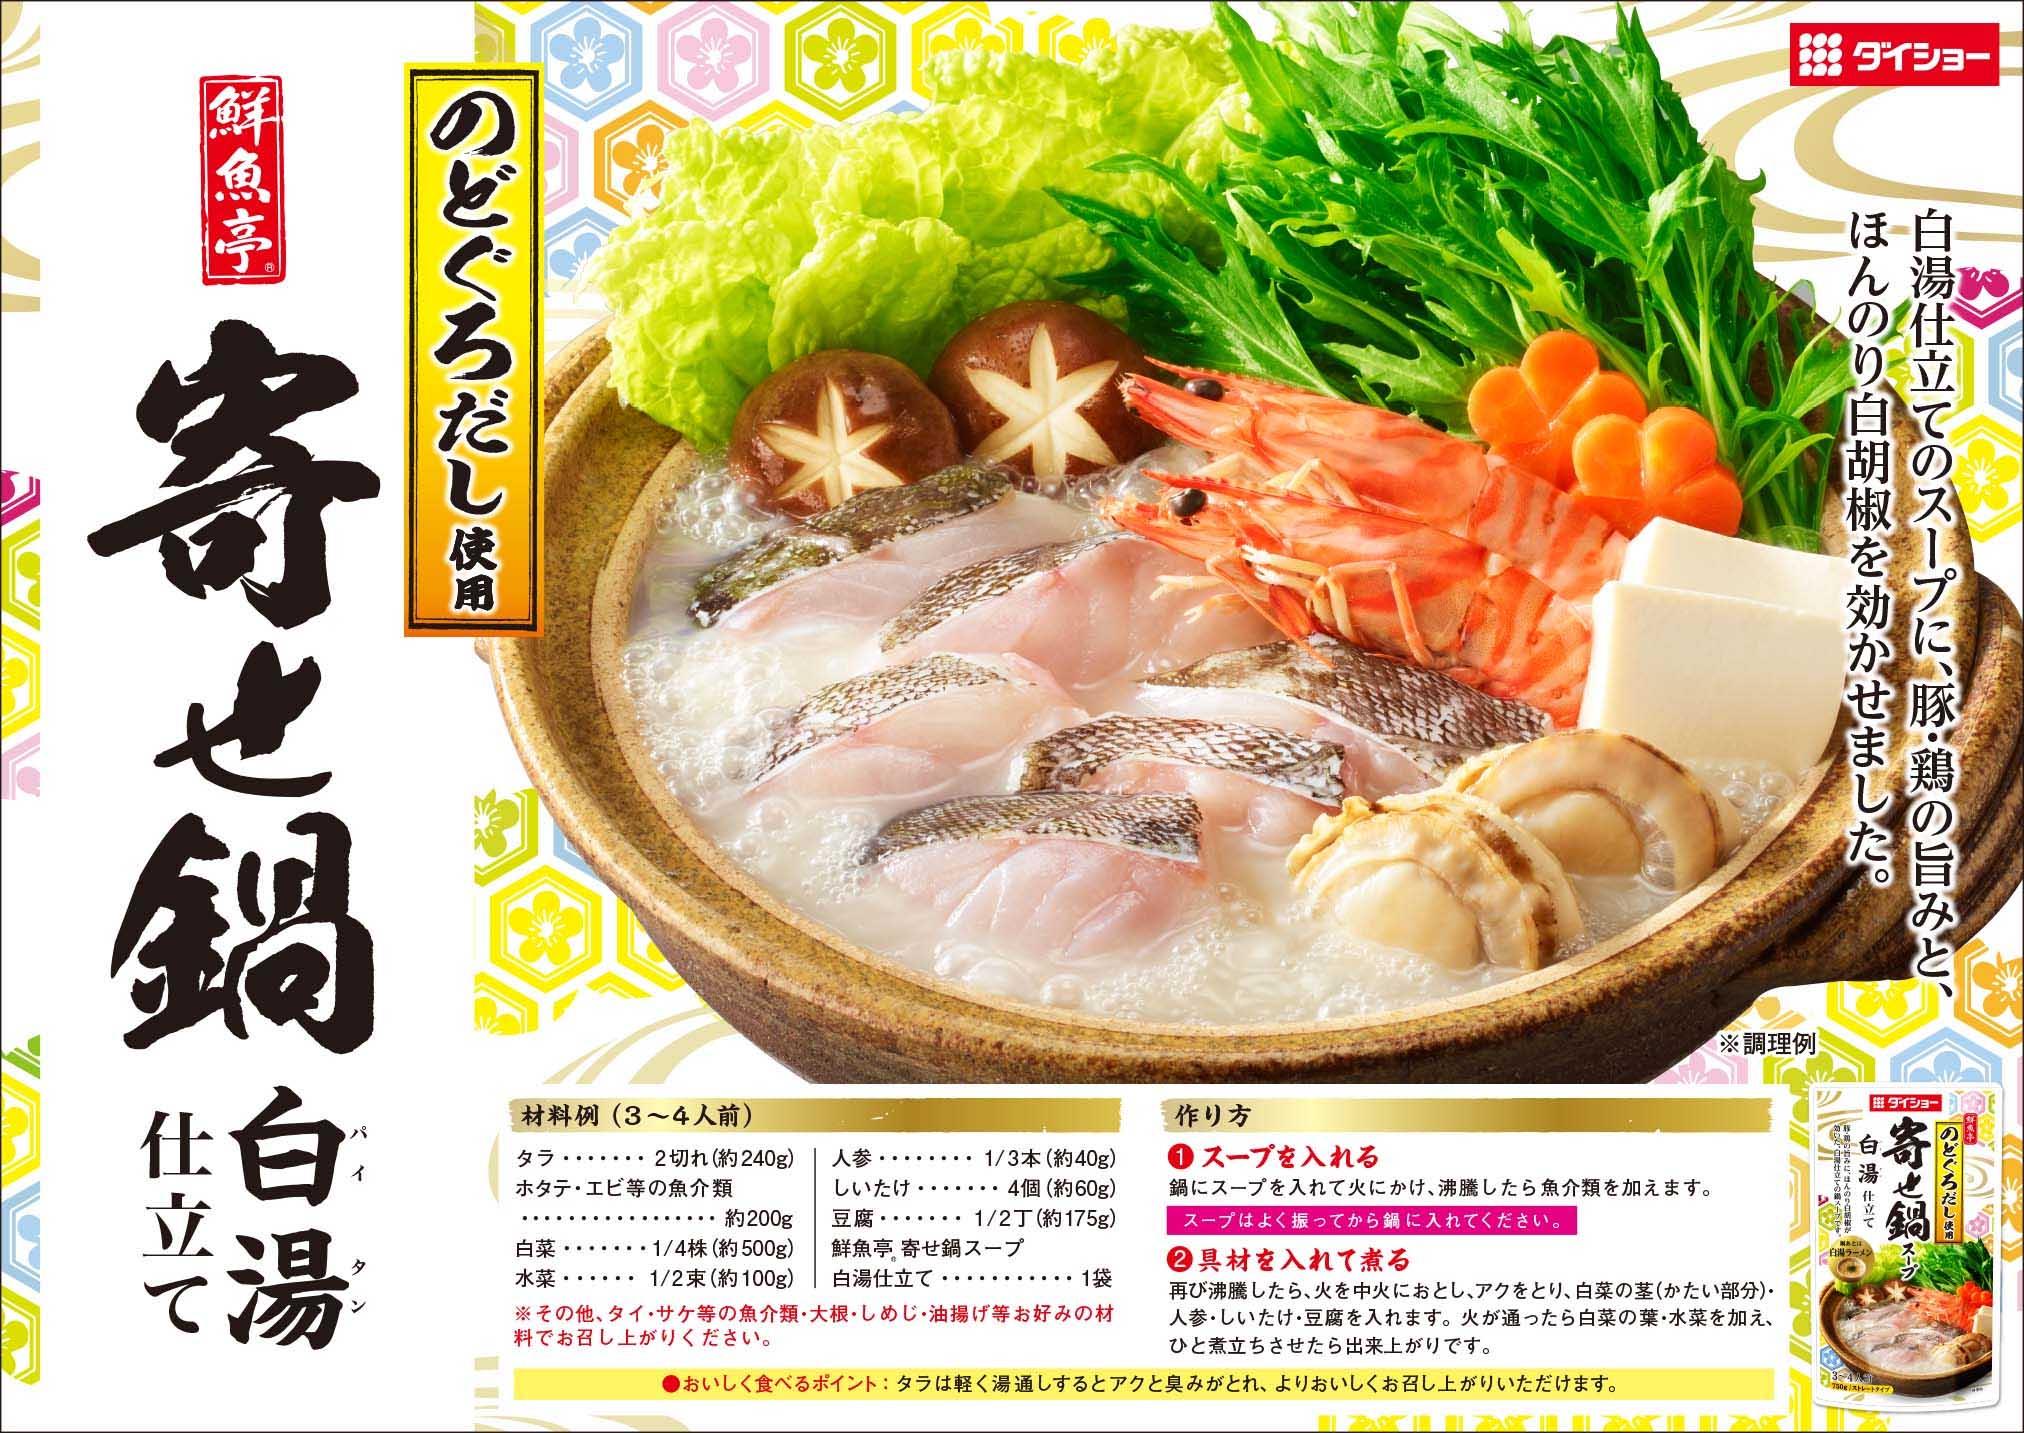 鮮魚亭 寄せ鍋スープ 白湯仕立てレシピ